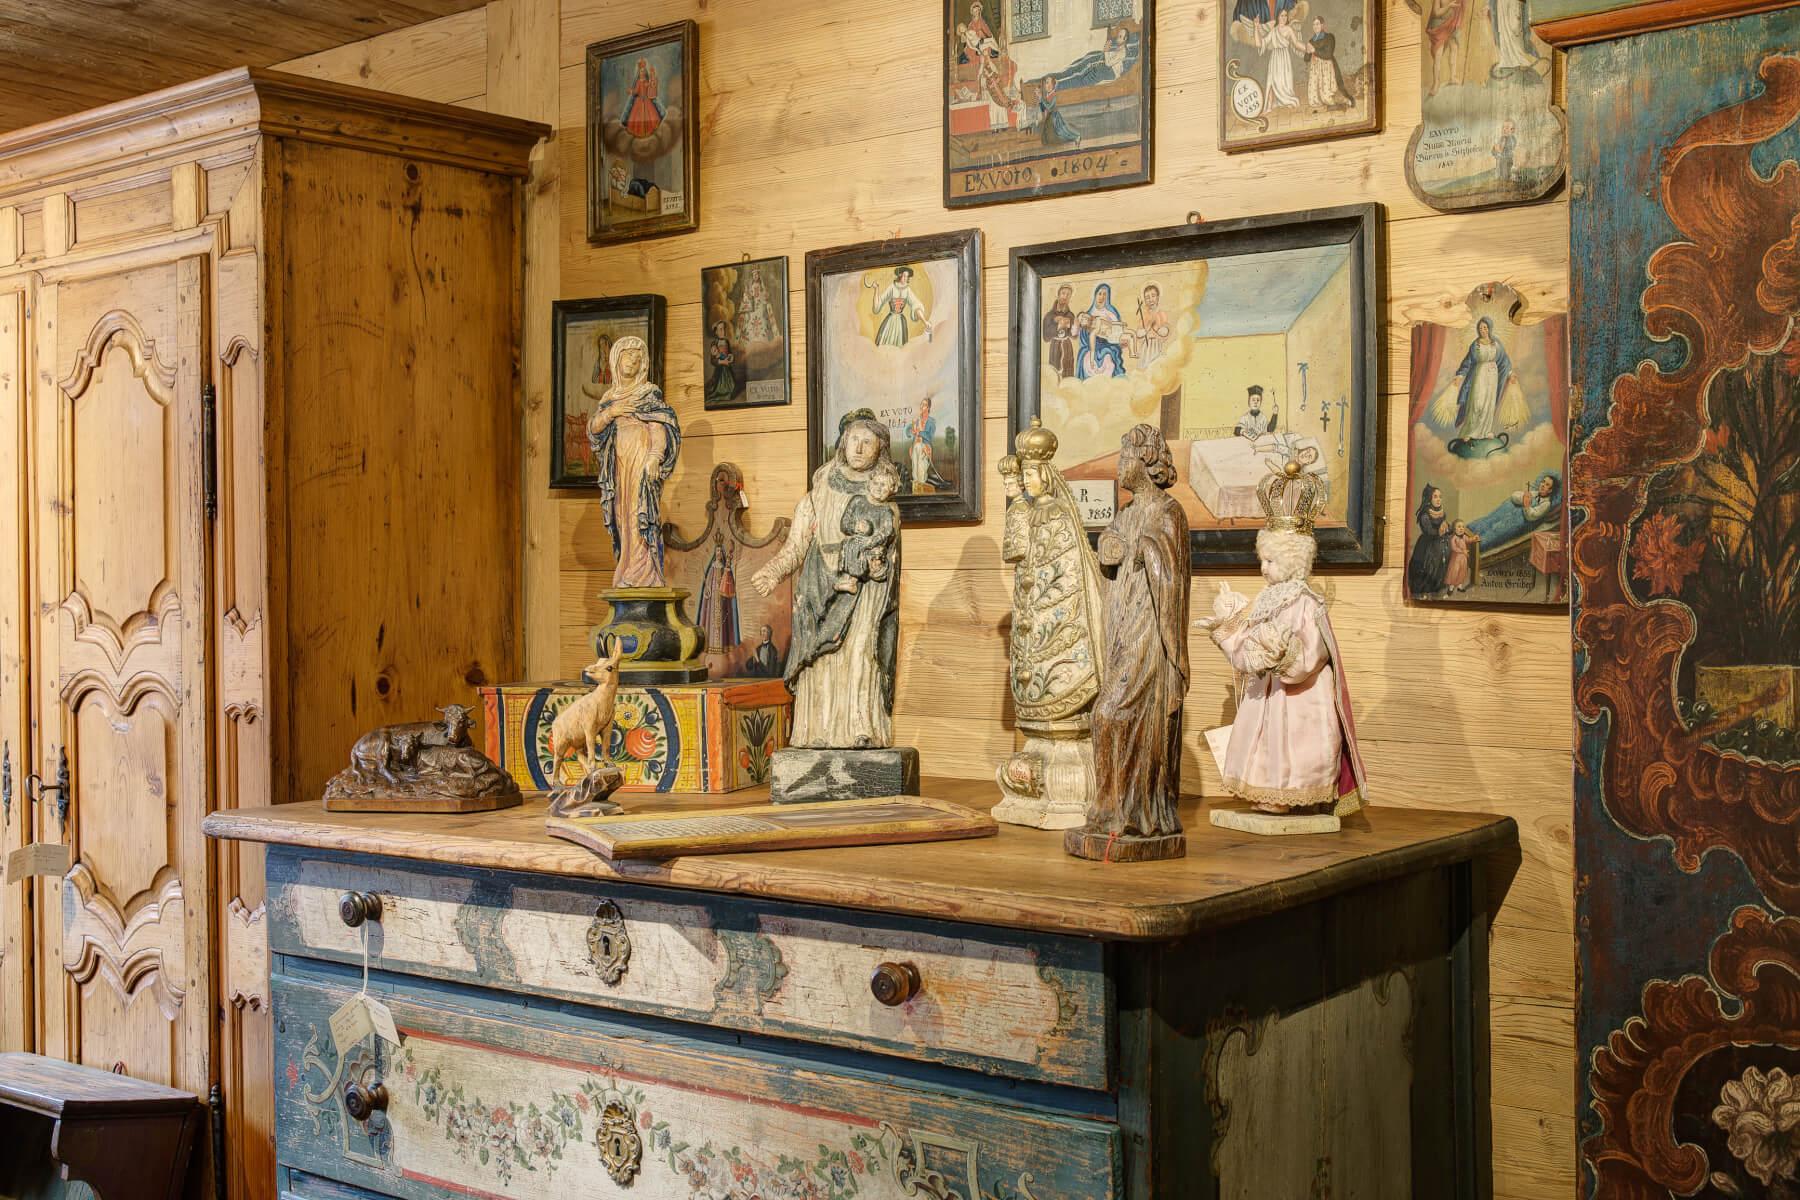 Le foyer - antiquités et art populaire